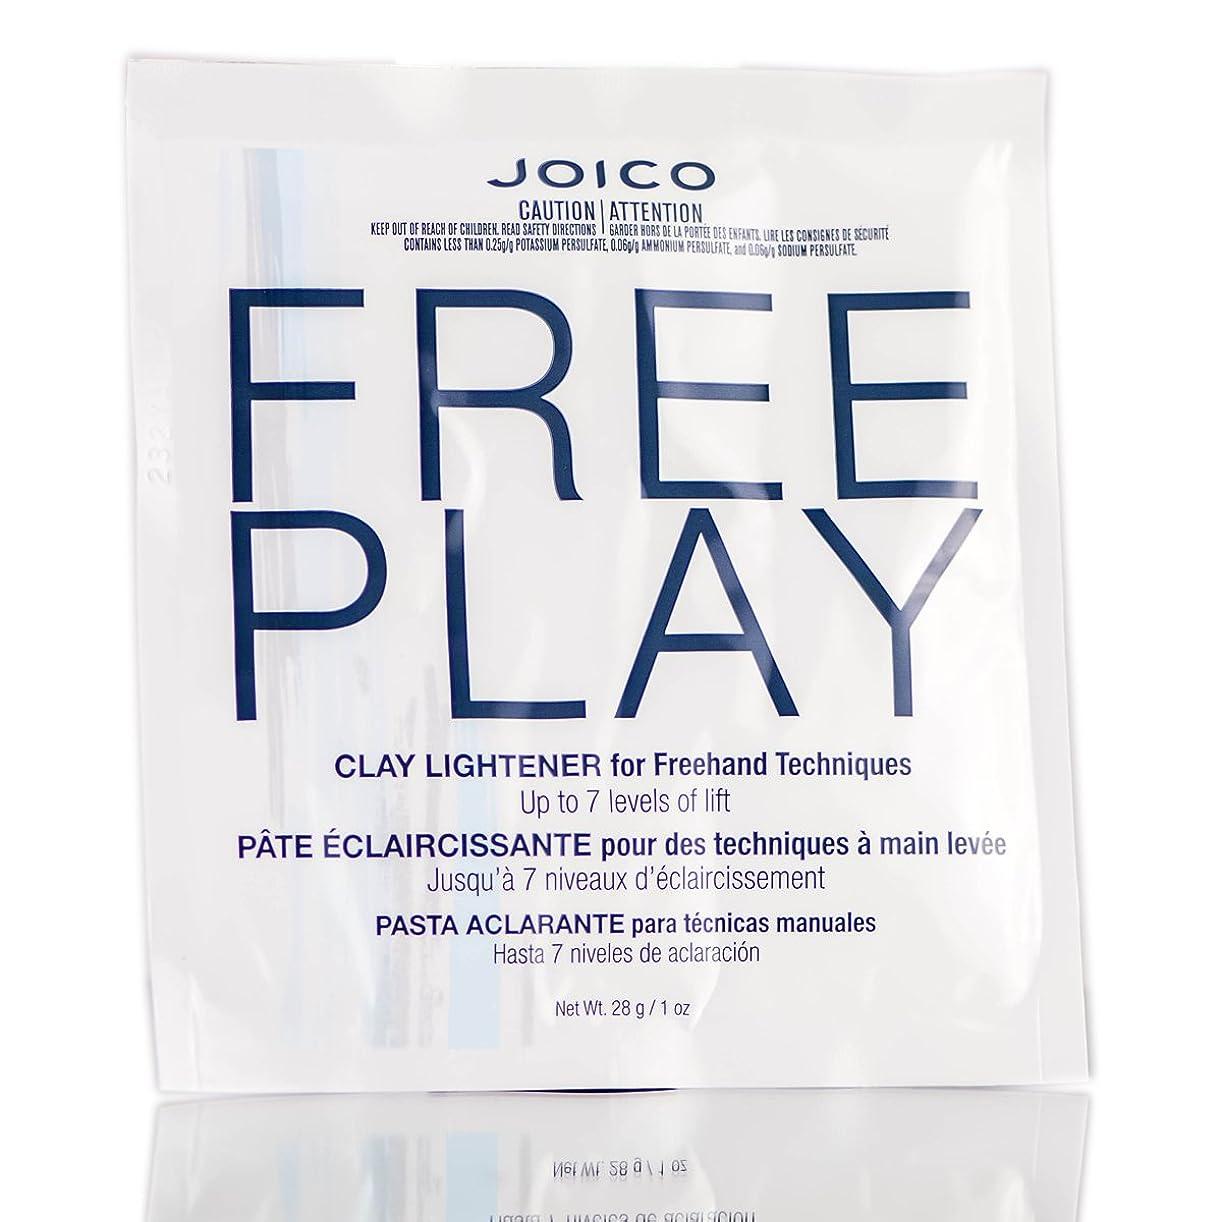 テクスチャー瞑想する優雅Freeplay by Joico ジョイコ無料リフトの7つのレベルまで、フリーハンドテクニックのためのクレイライトナーを再生)((なめらかな色合いブラシを含んでいます) 1オンス/ 28グラム